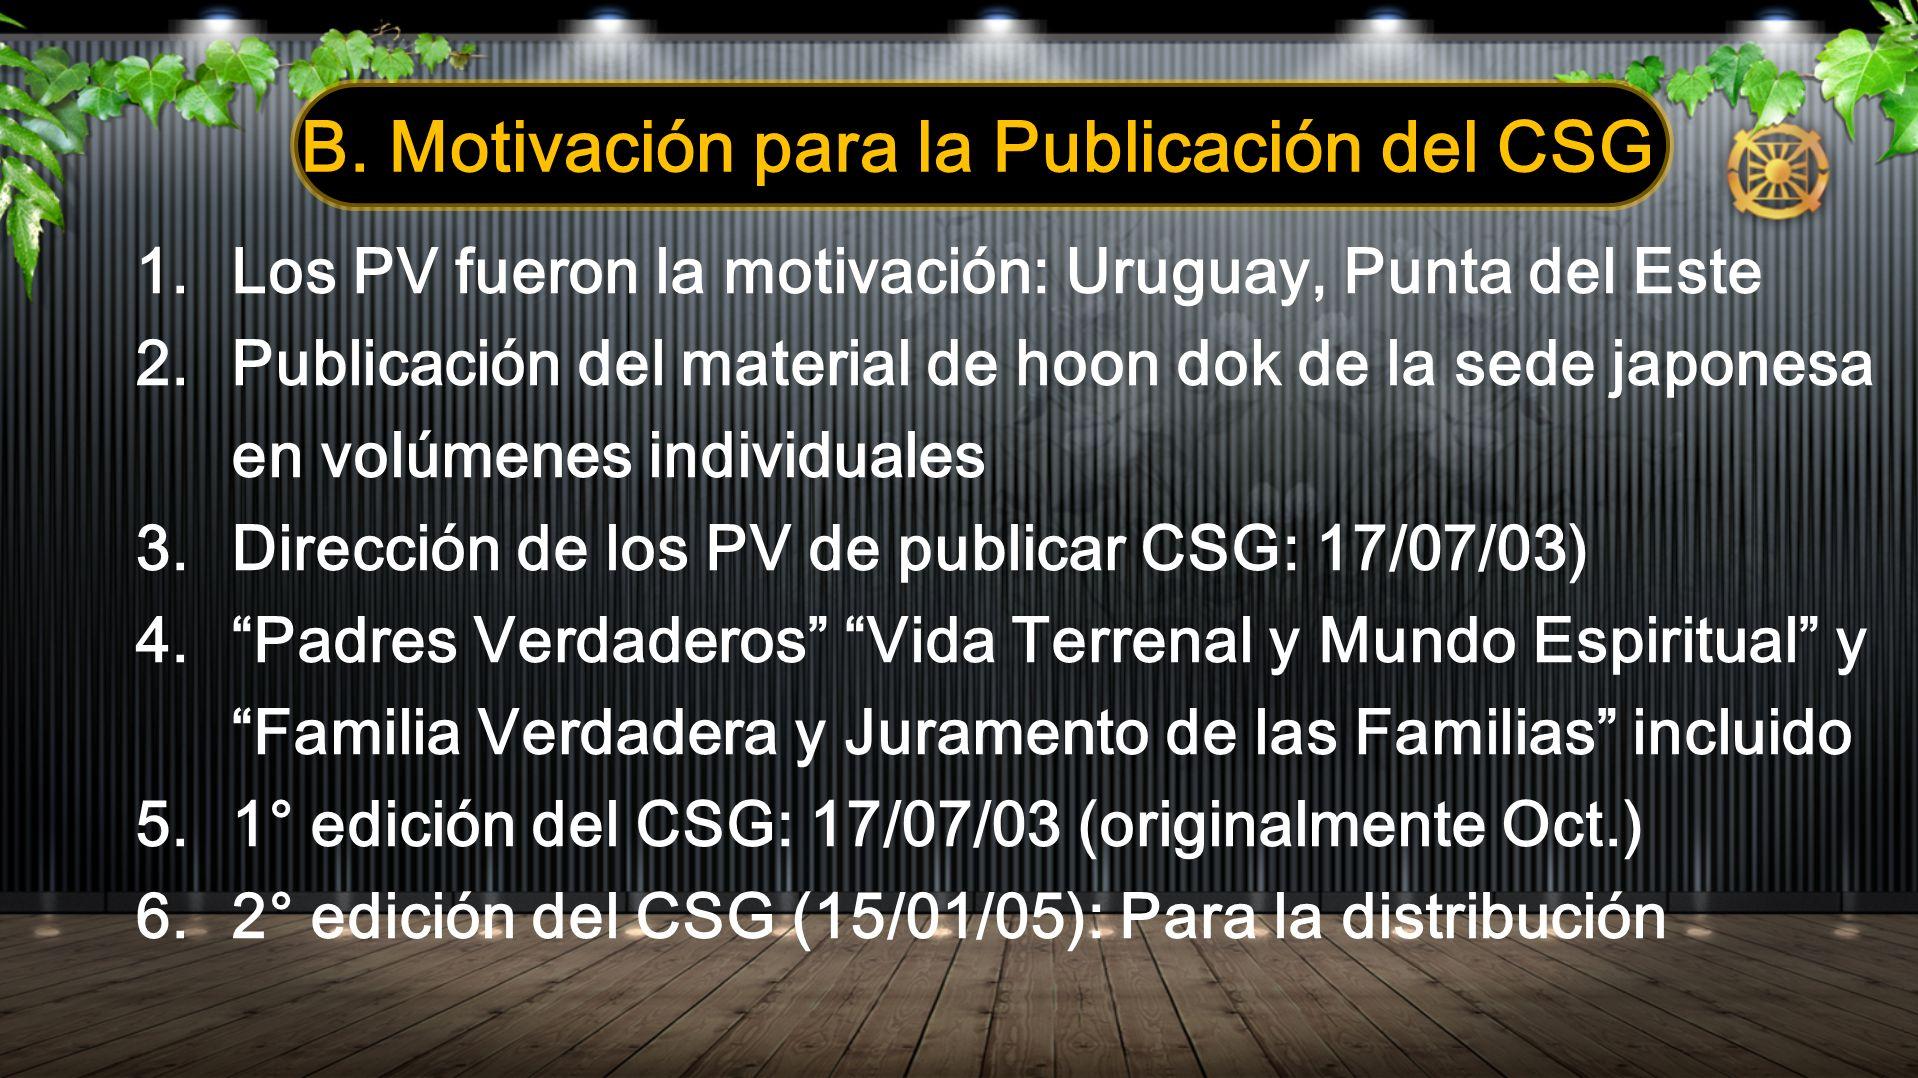 1. Los PV fueron la motivación: Uruguay, Punta del Este 2. Publicación del material de hoon dok de la sede japonesa en volúmenes individuales 3. Direc